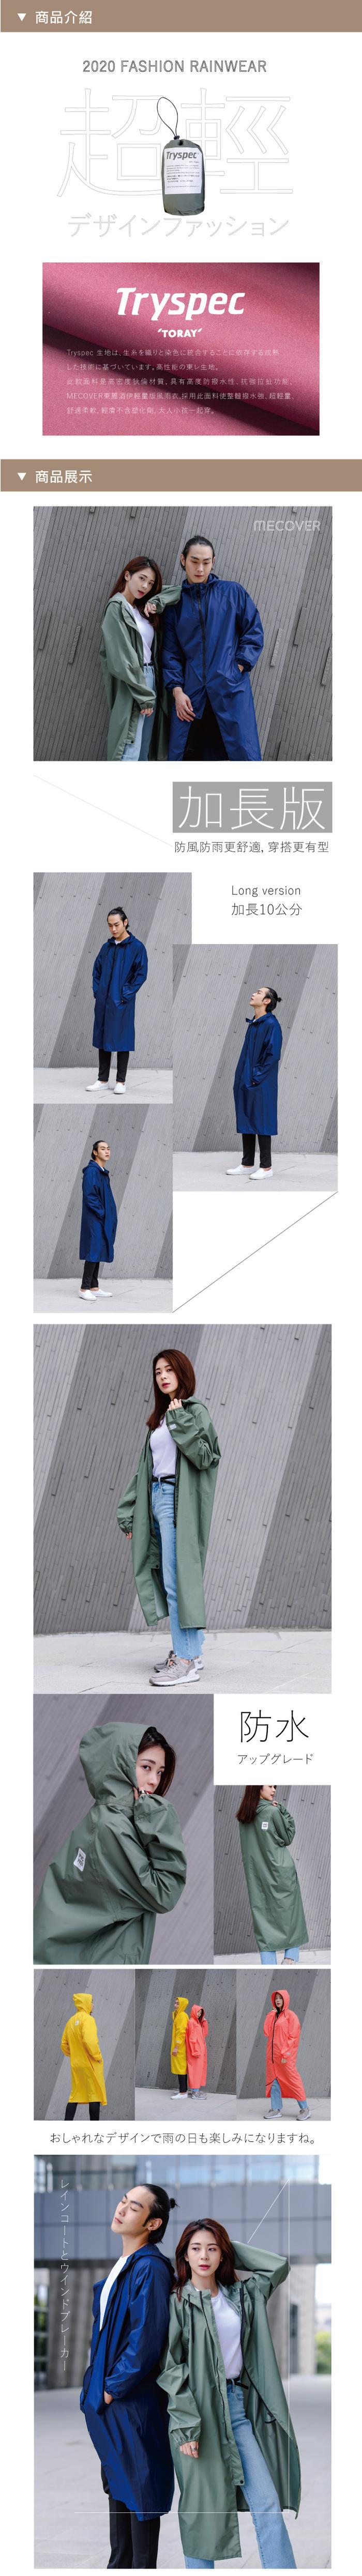 (複製)MECOVER|東麗酒伊織染超輕風雨衣-紺青